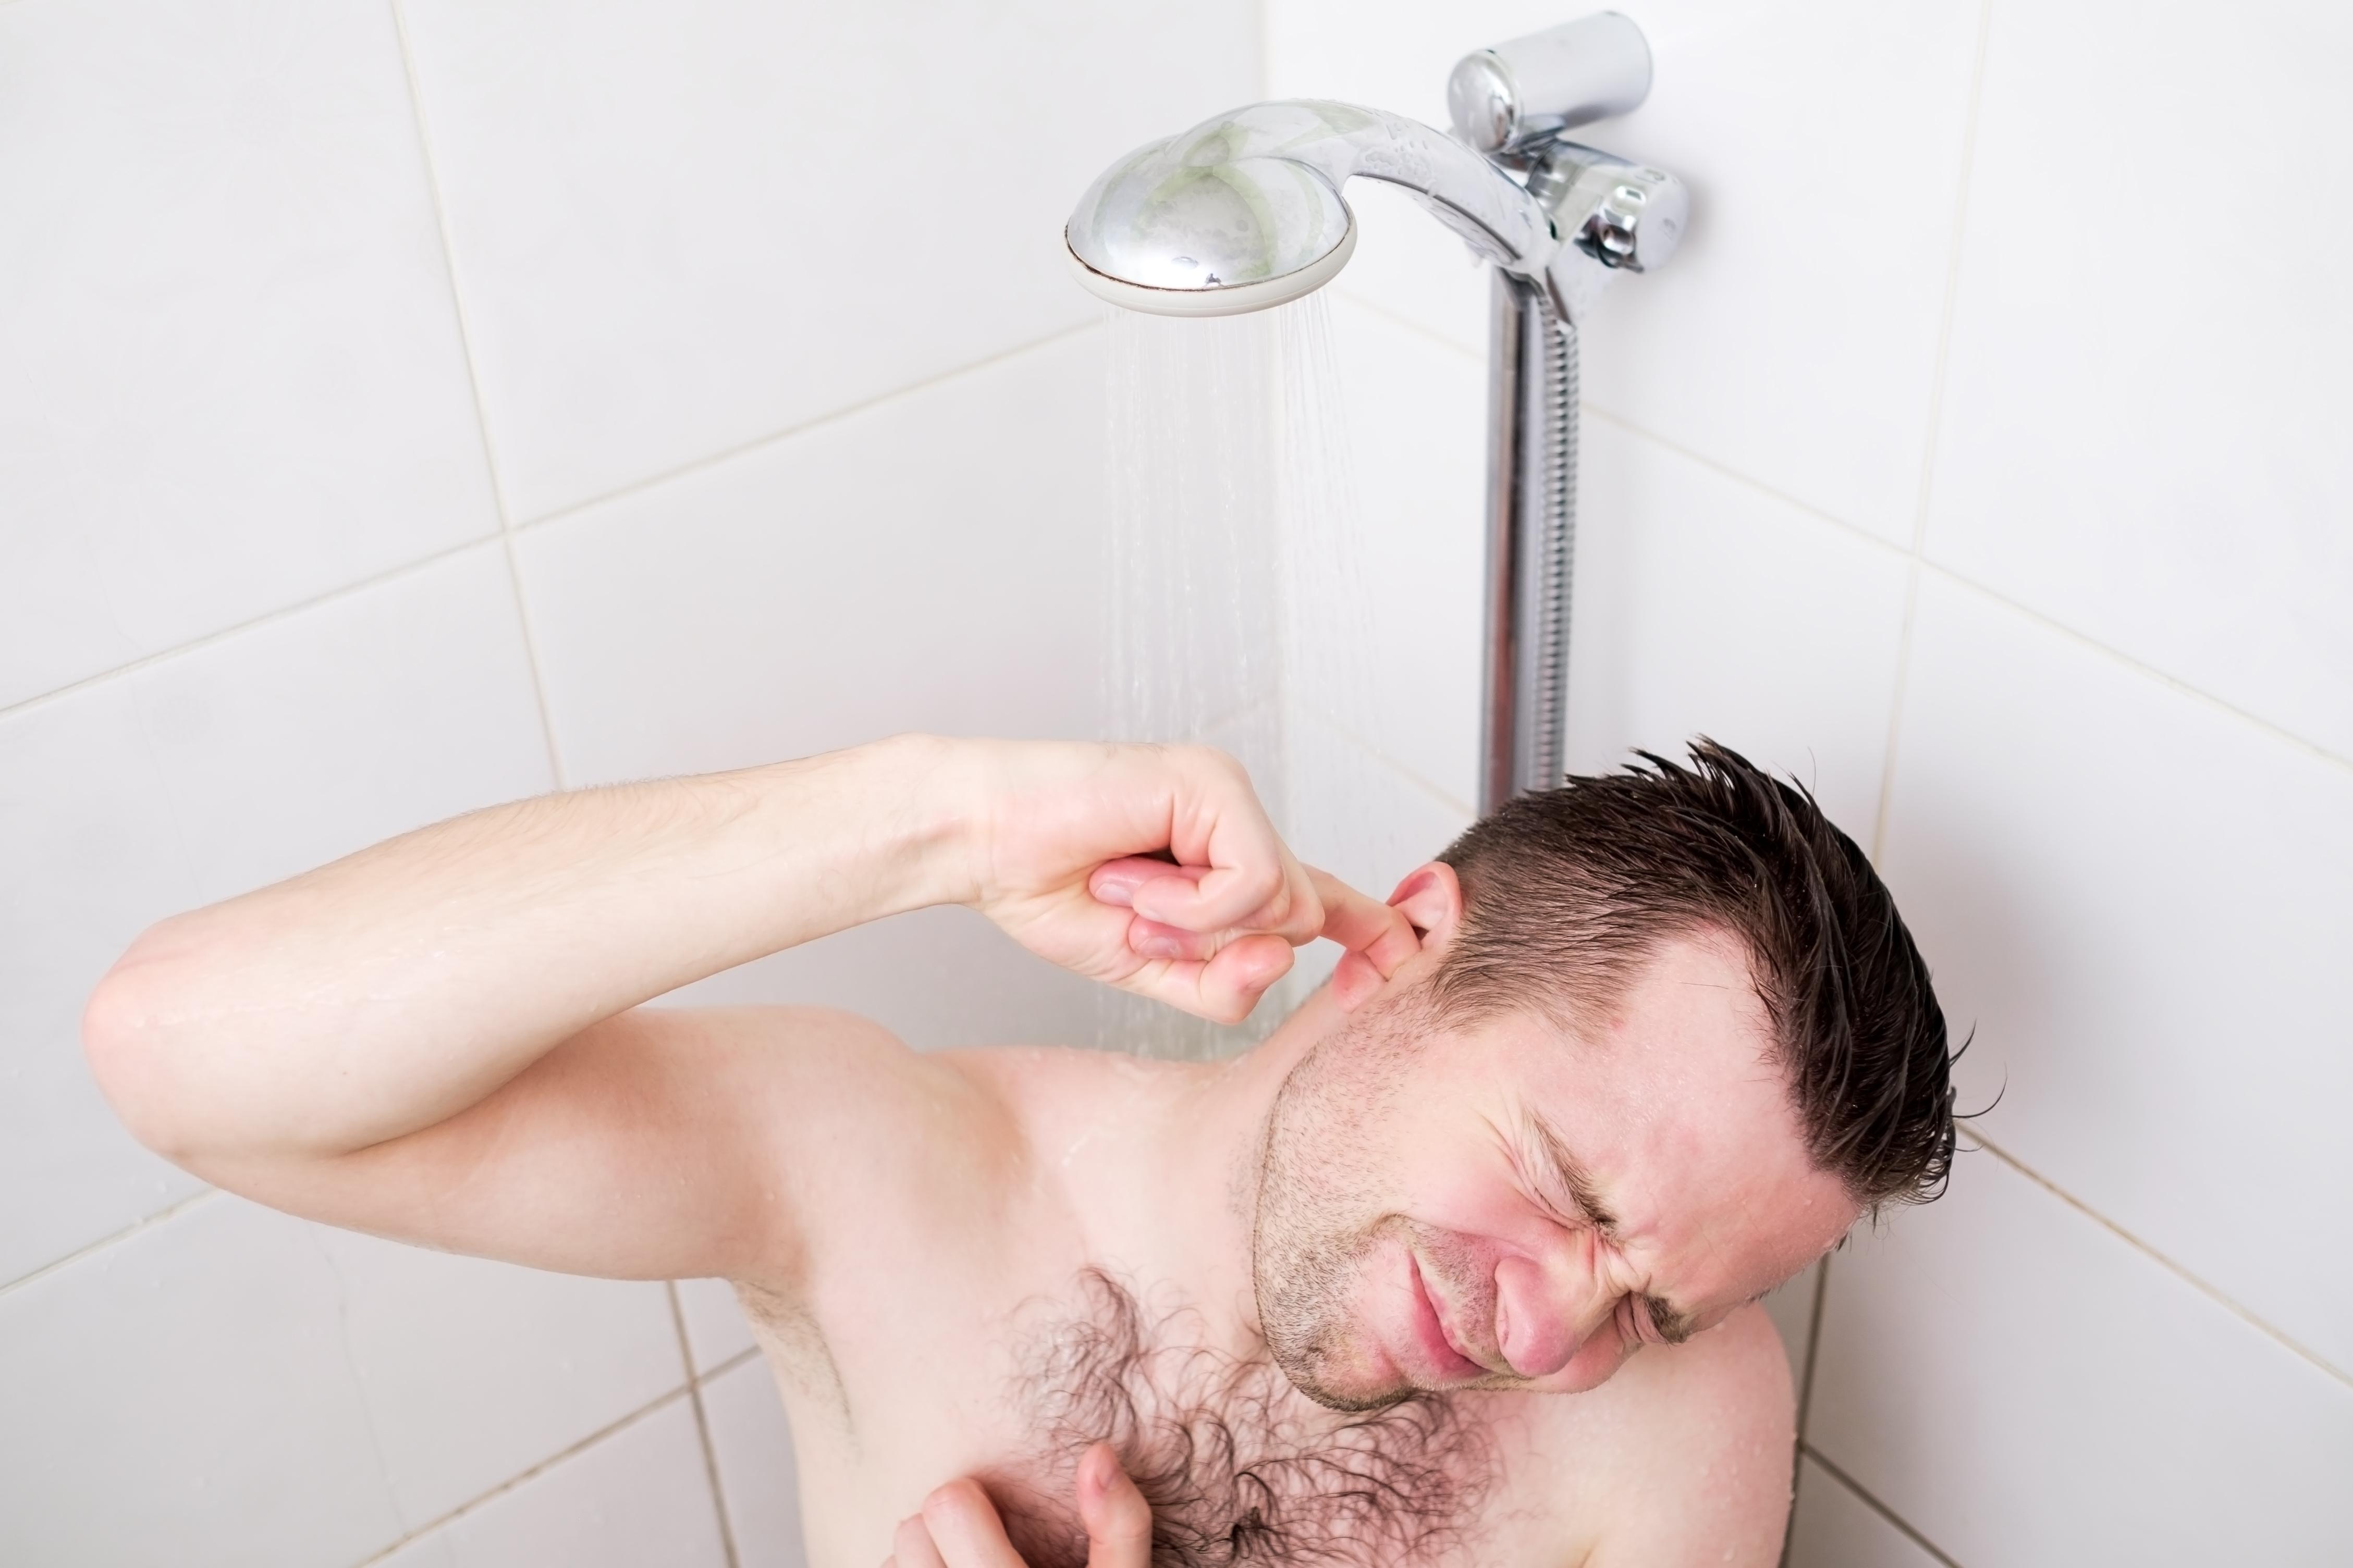 Det som ofta har orsakat skadan är något så enkelt som att du har dragit ut ett blött finger ur örat efter dusch eller bad.